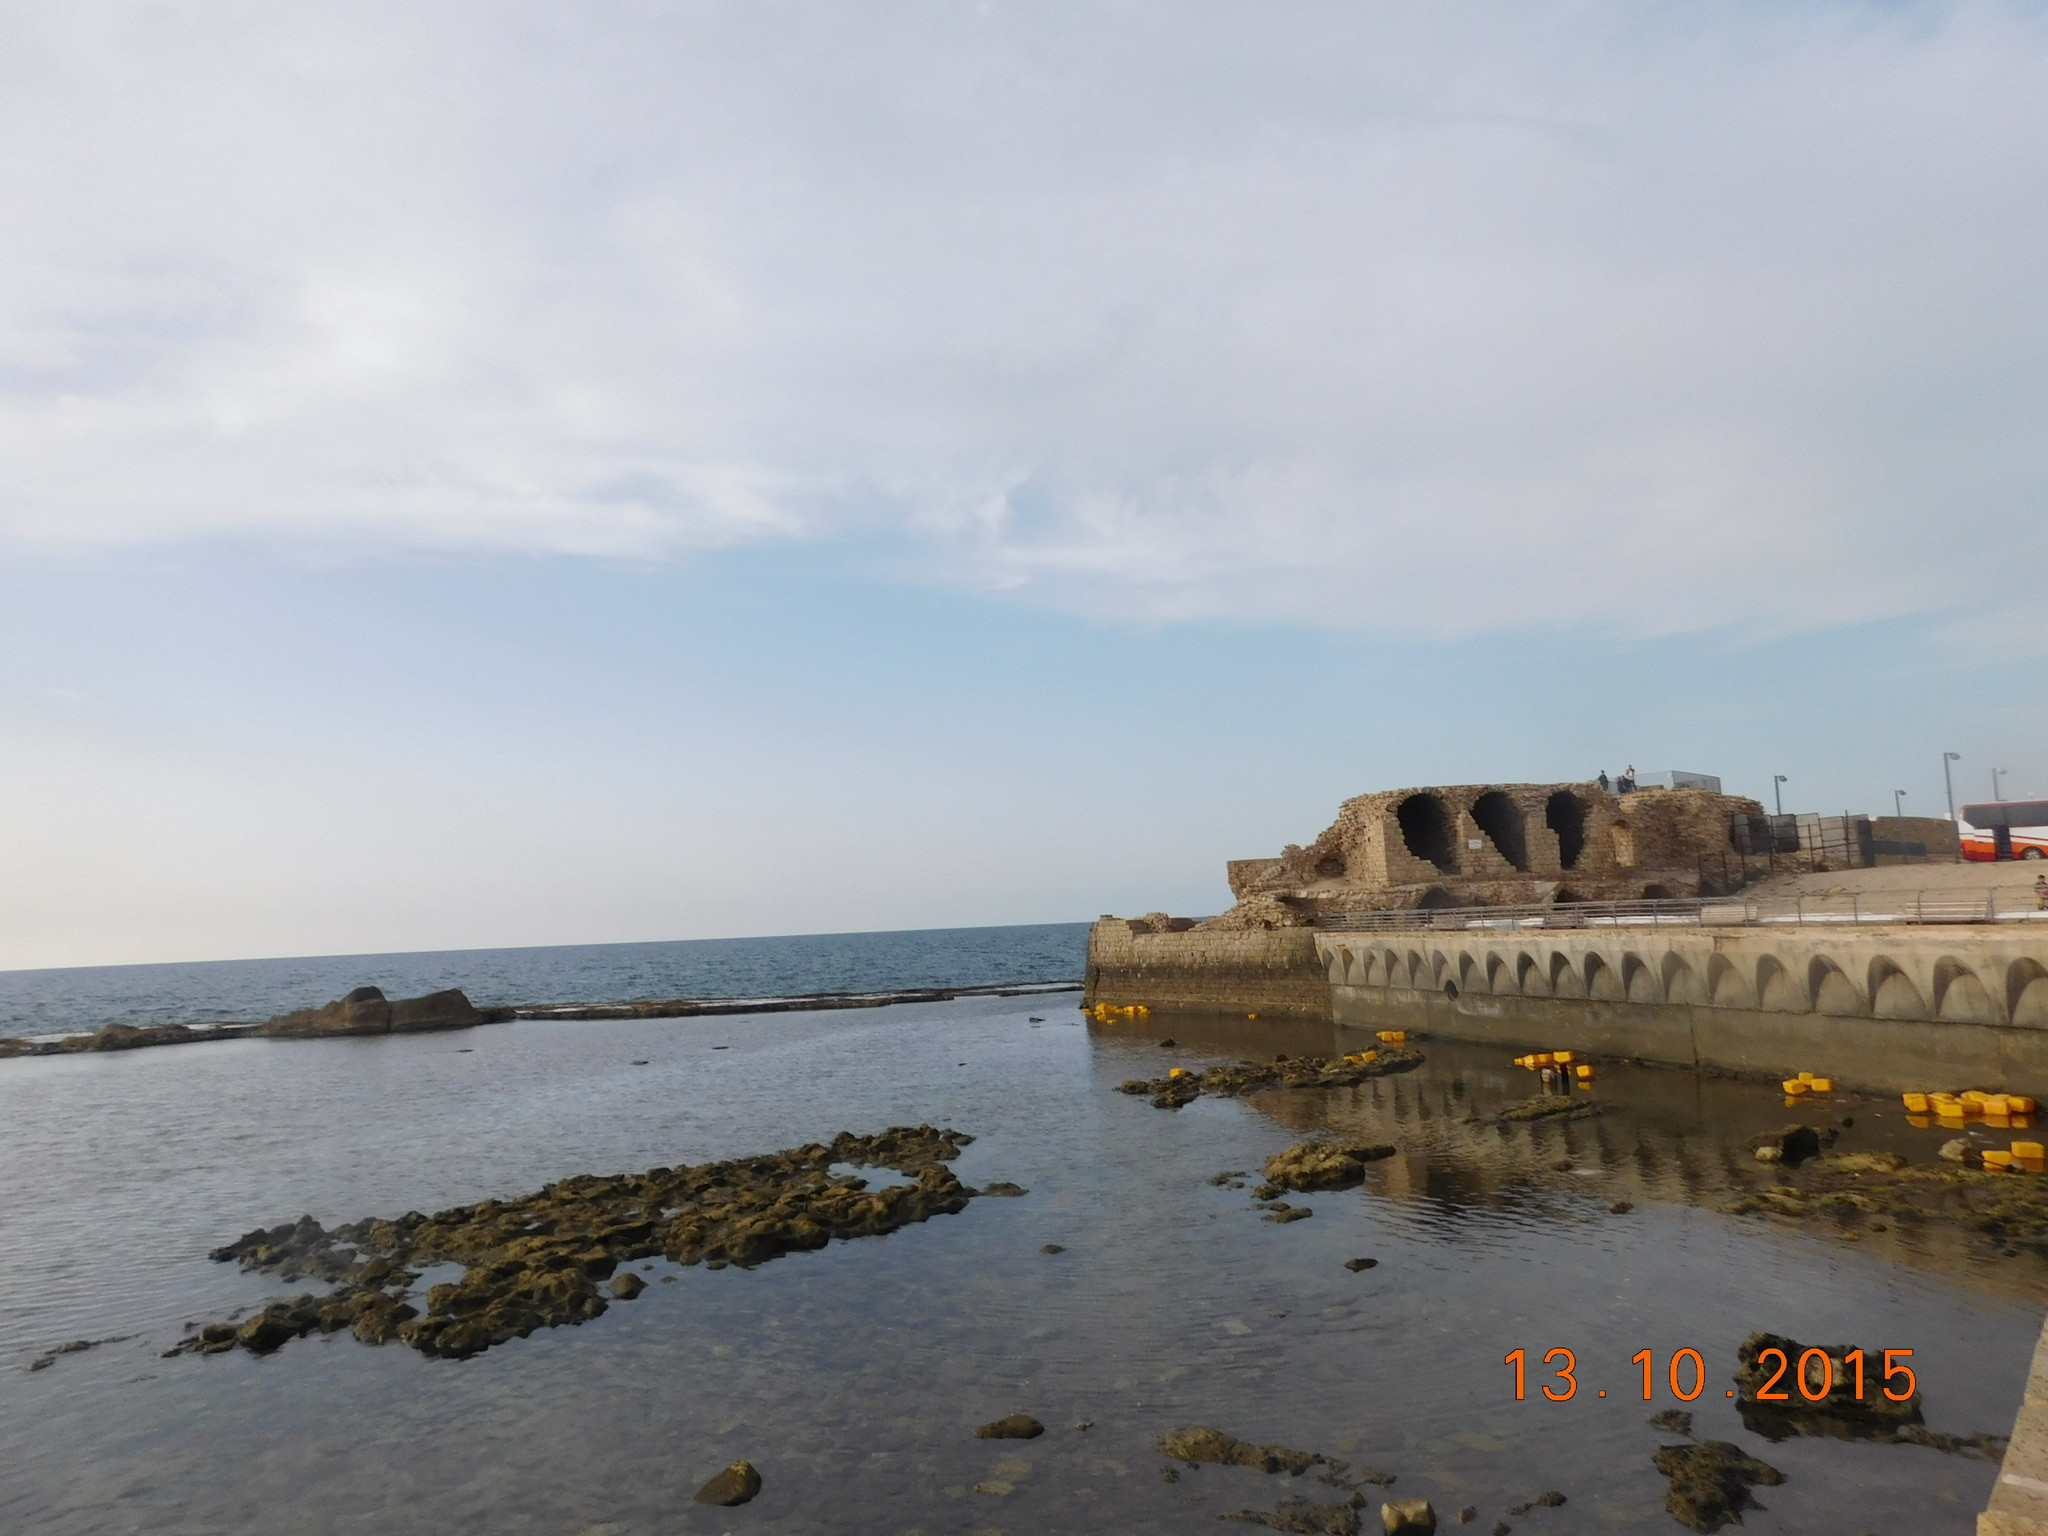 Продолжаем древний город в современности Акко